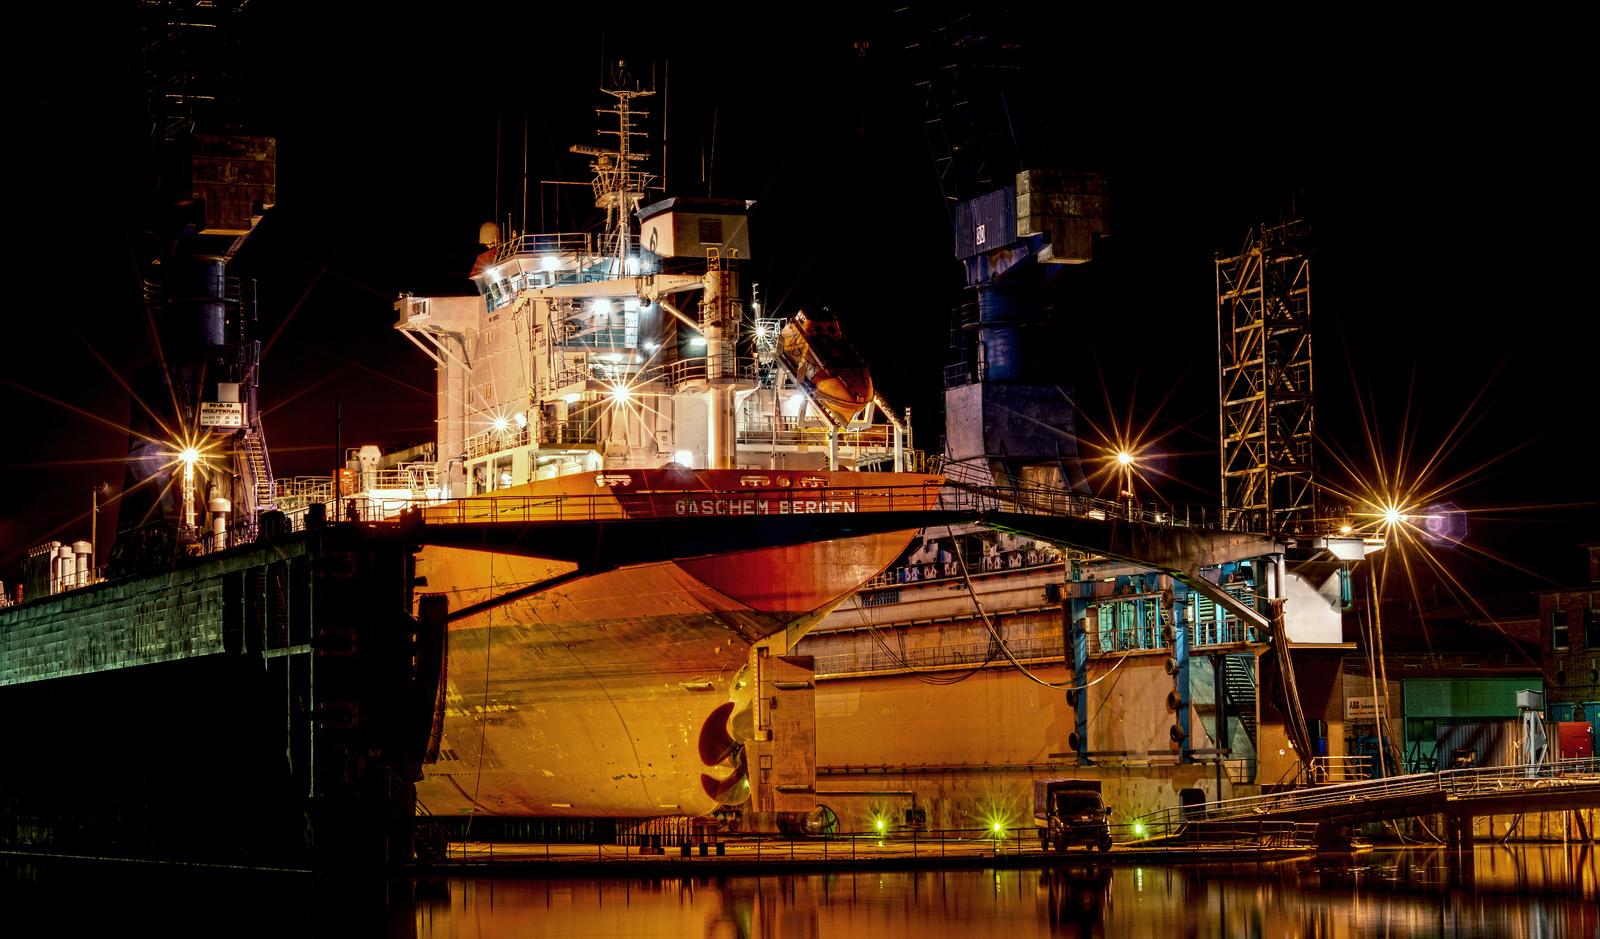 Gaschem Bergen im Dock